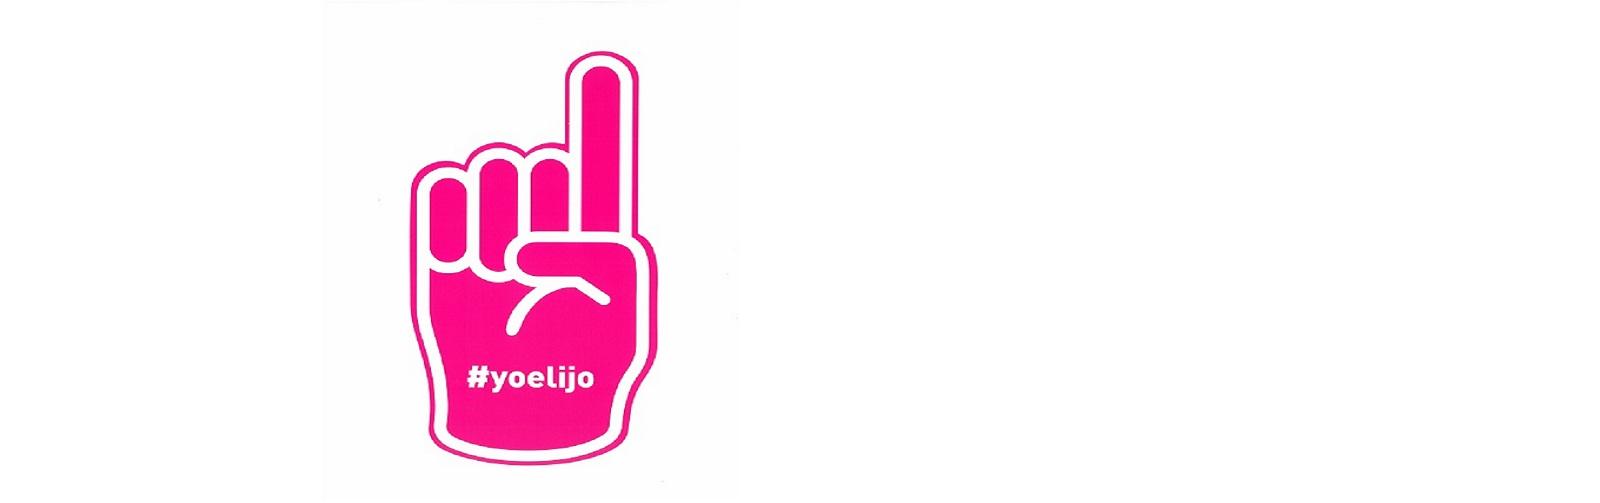 #yoelijo